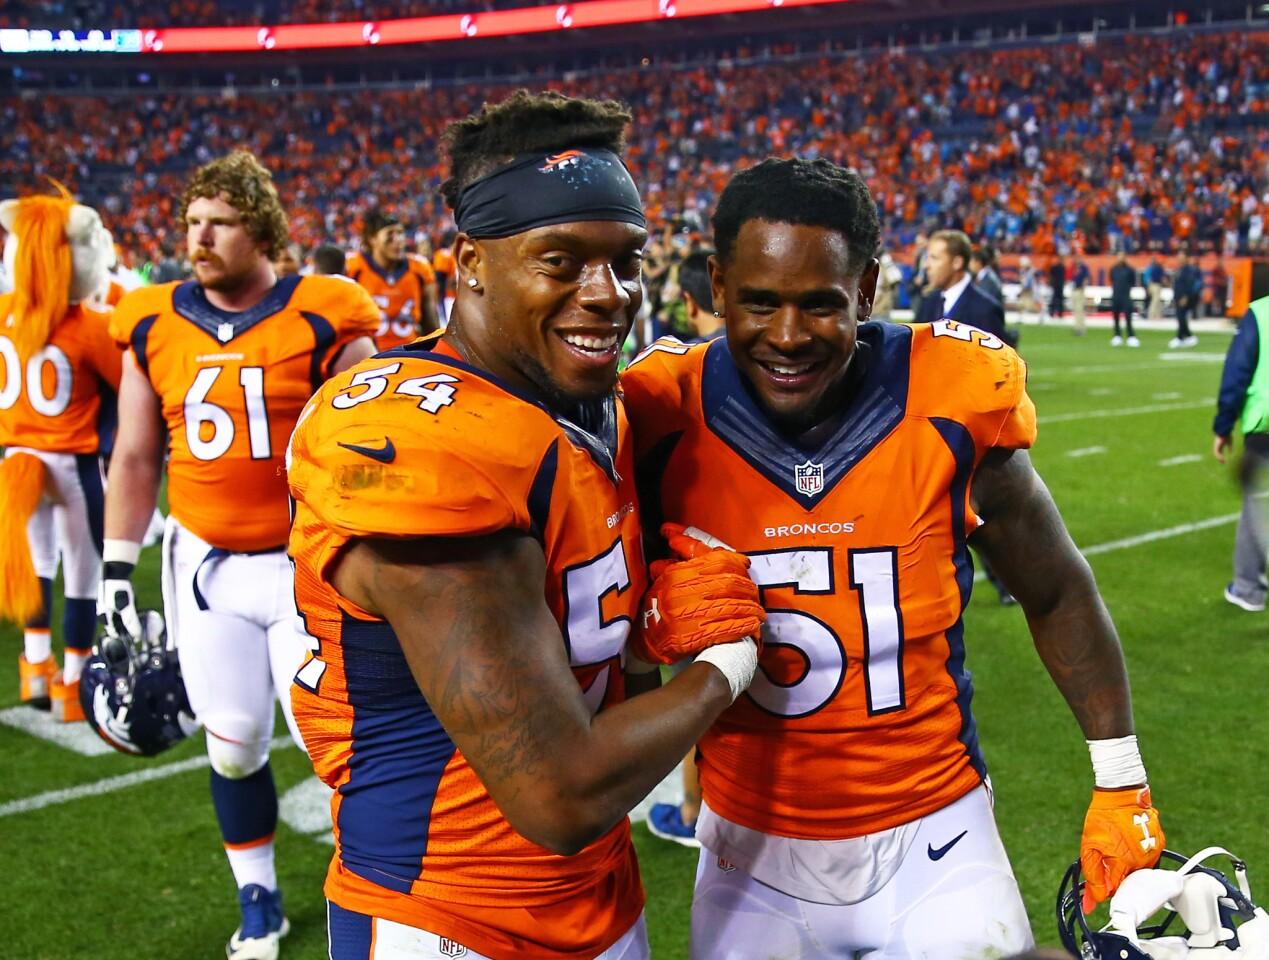 NFL: Carolina Panthers at Denver Broncos